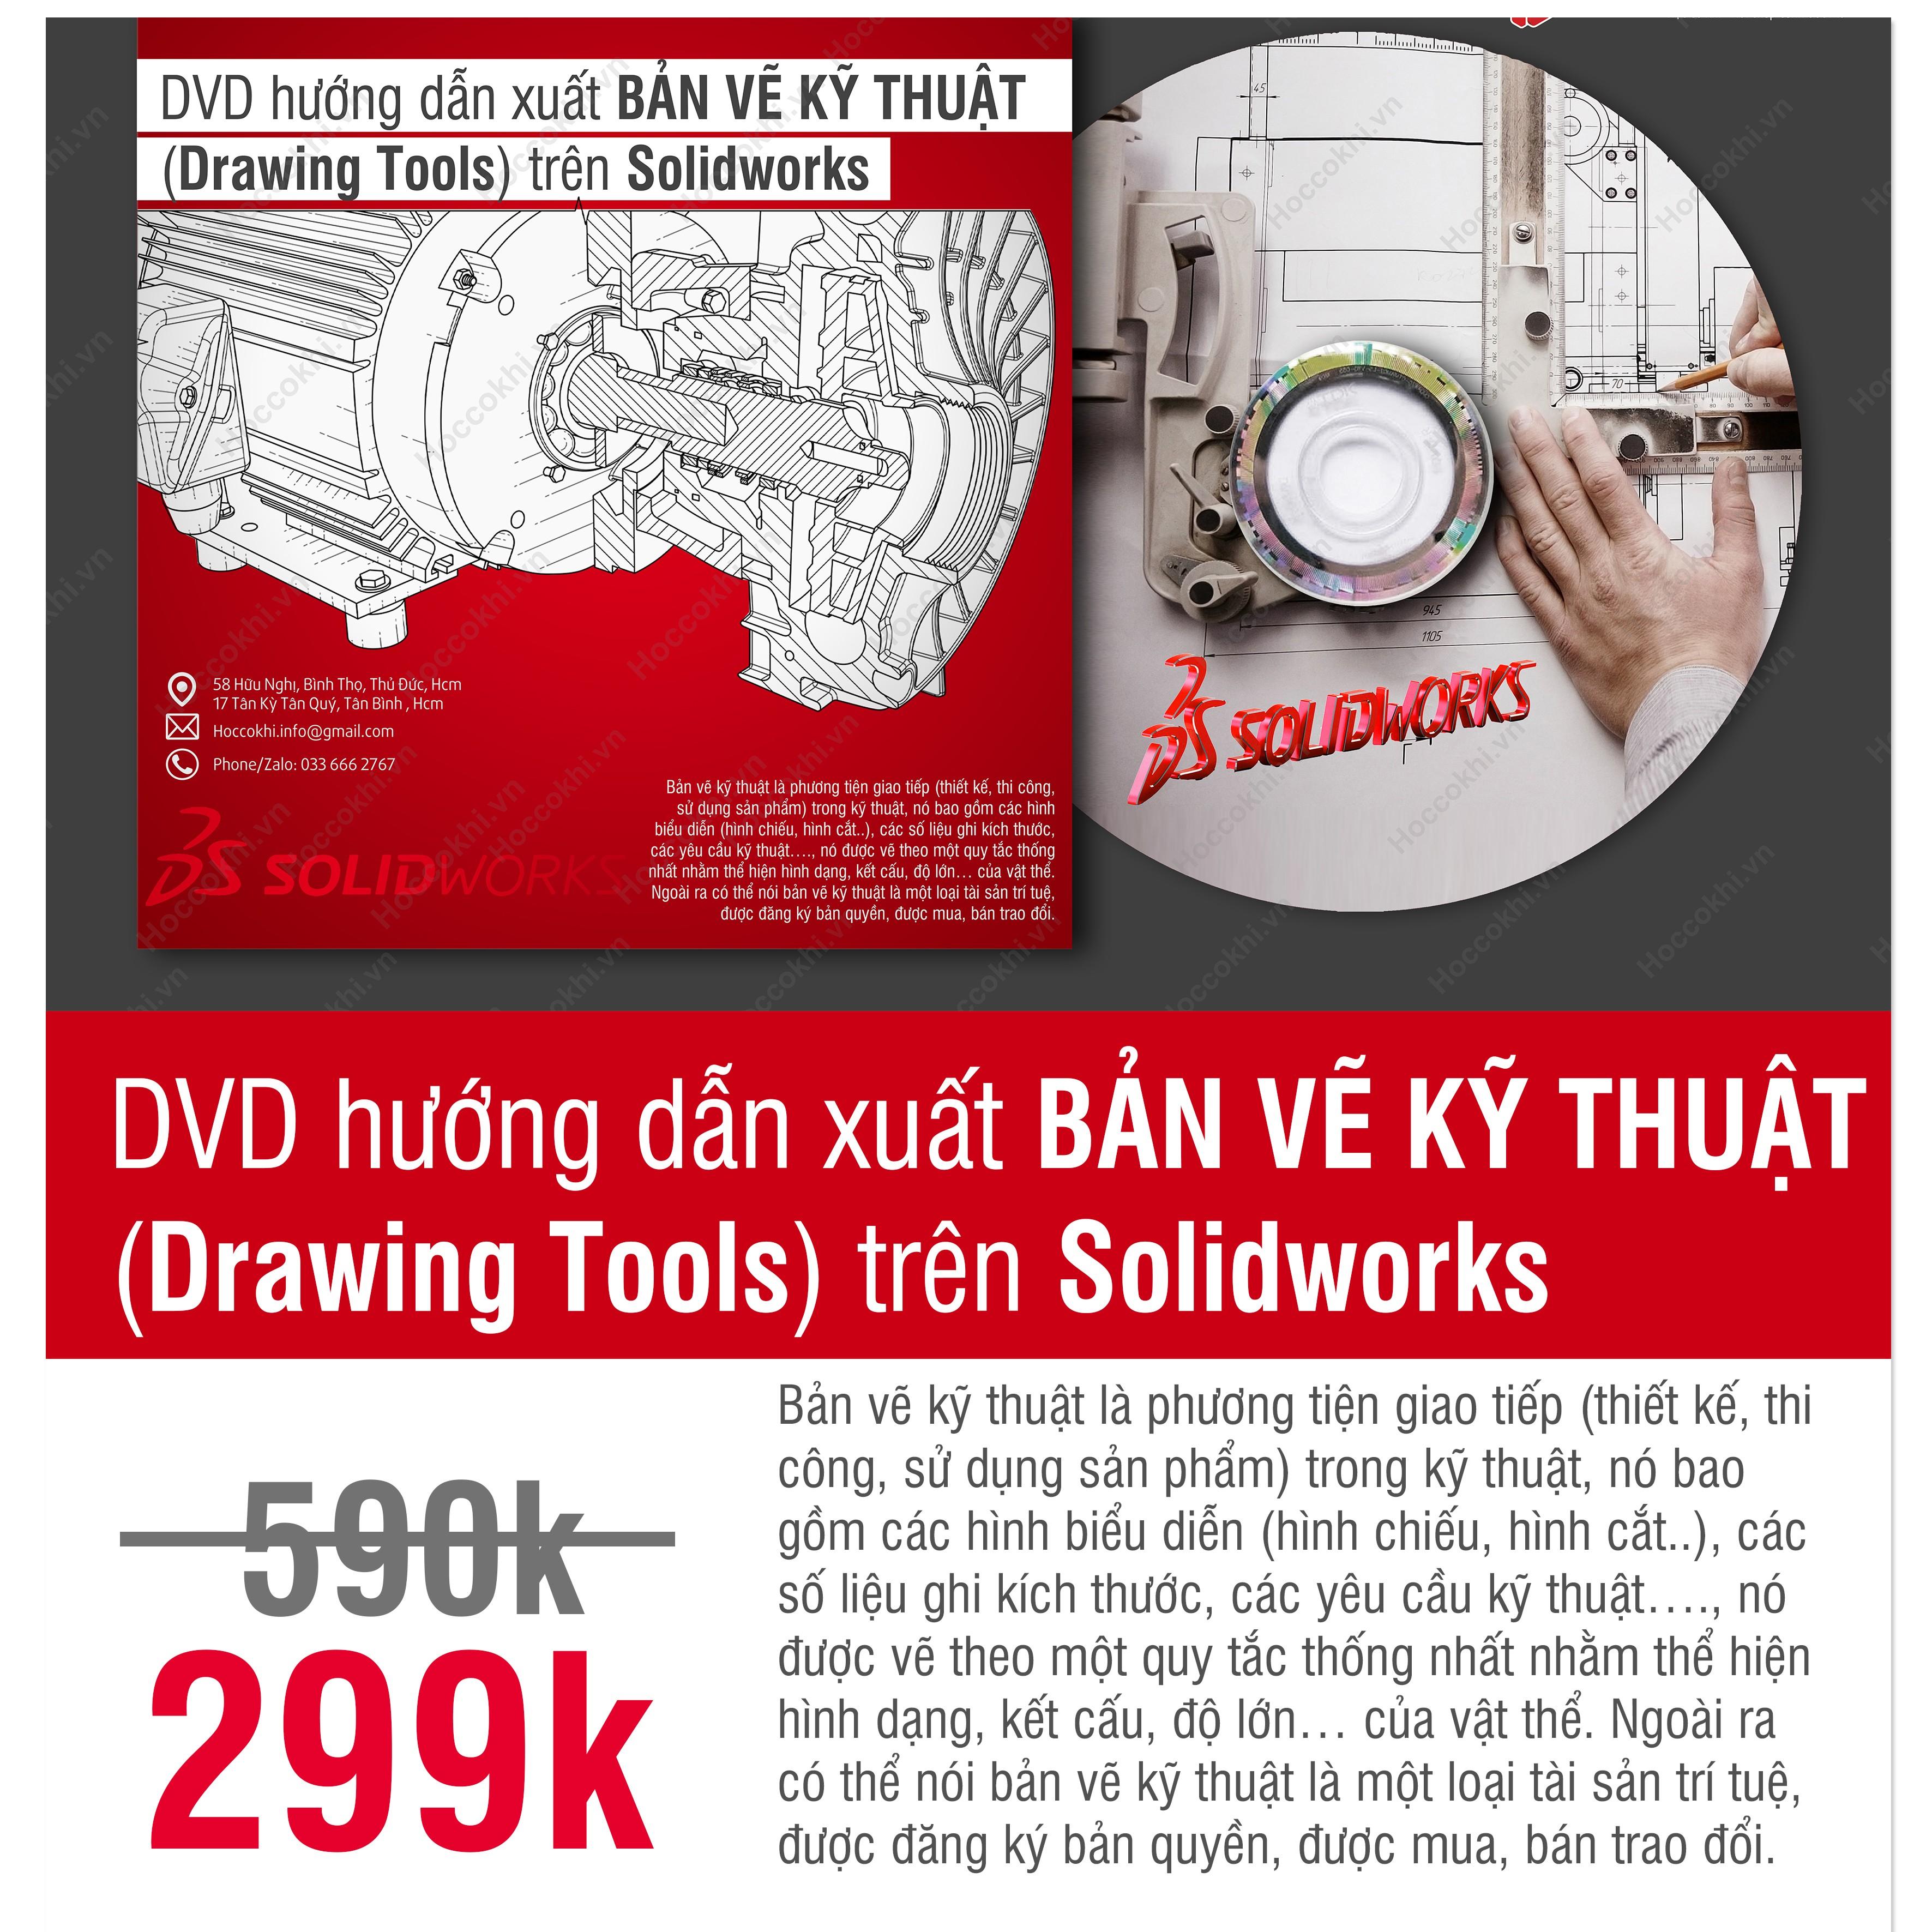 DVD hướng dẫn xuất bản vẽ kỹ thuật Drawing Tools trên Solidworks